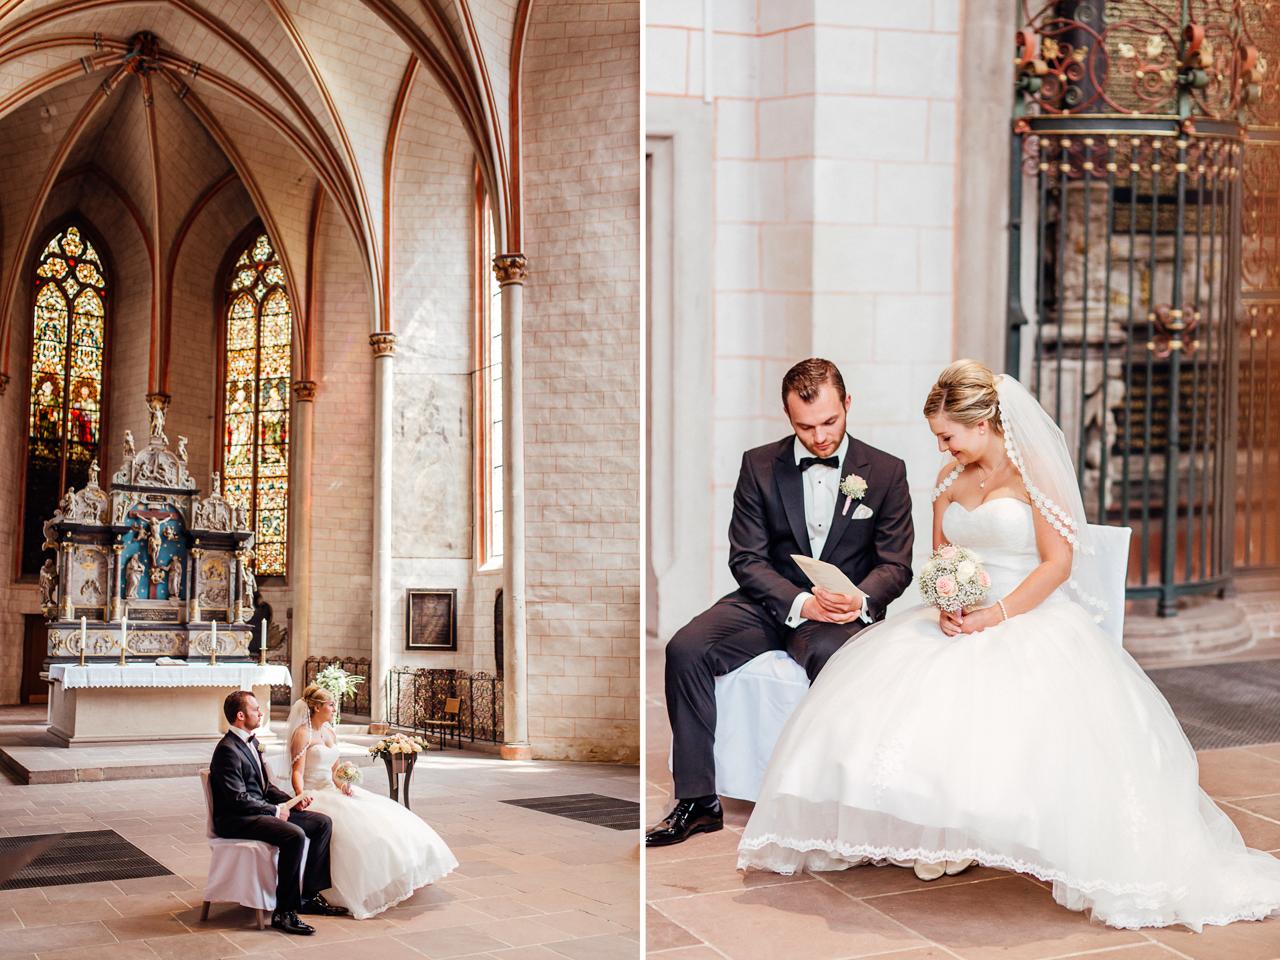 Hochzeit Eventscheune Dagobertshausen - Julia & Florian - Sandra Socha Fotografie - 28